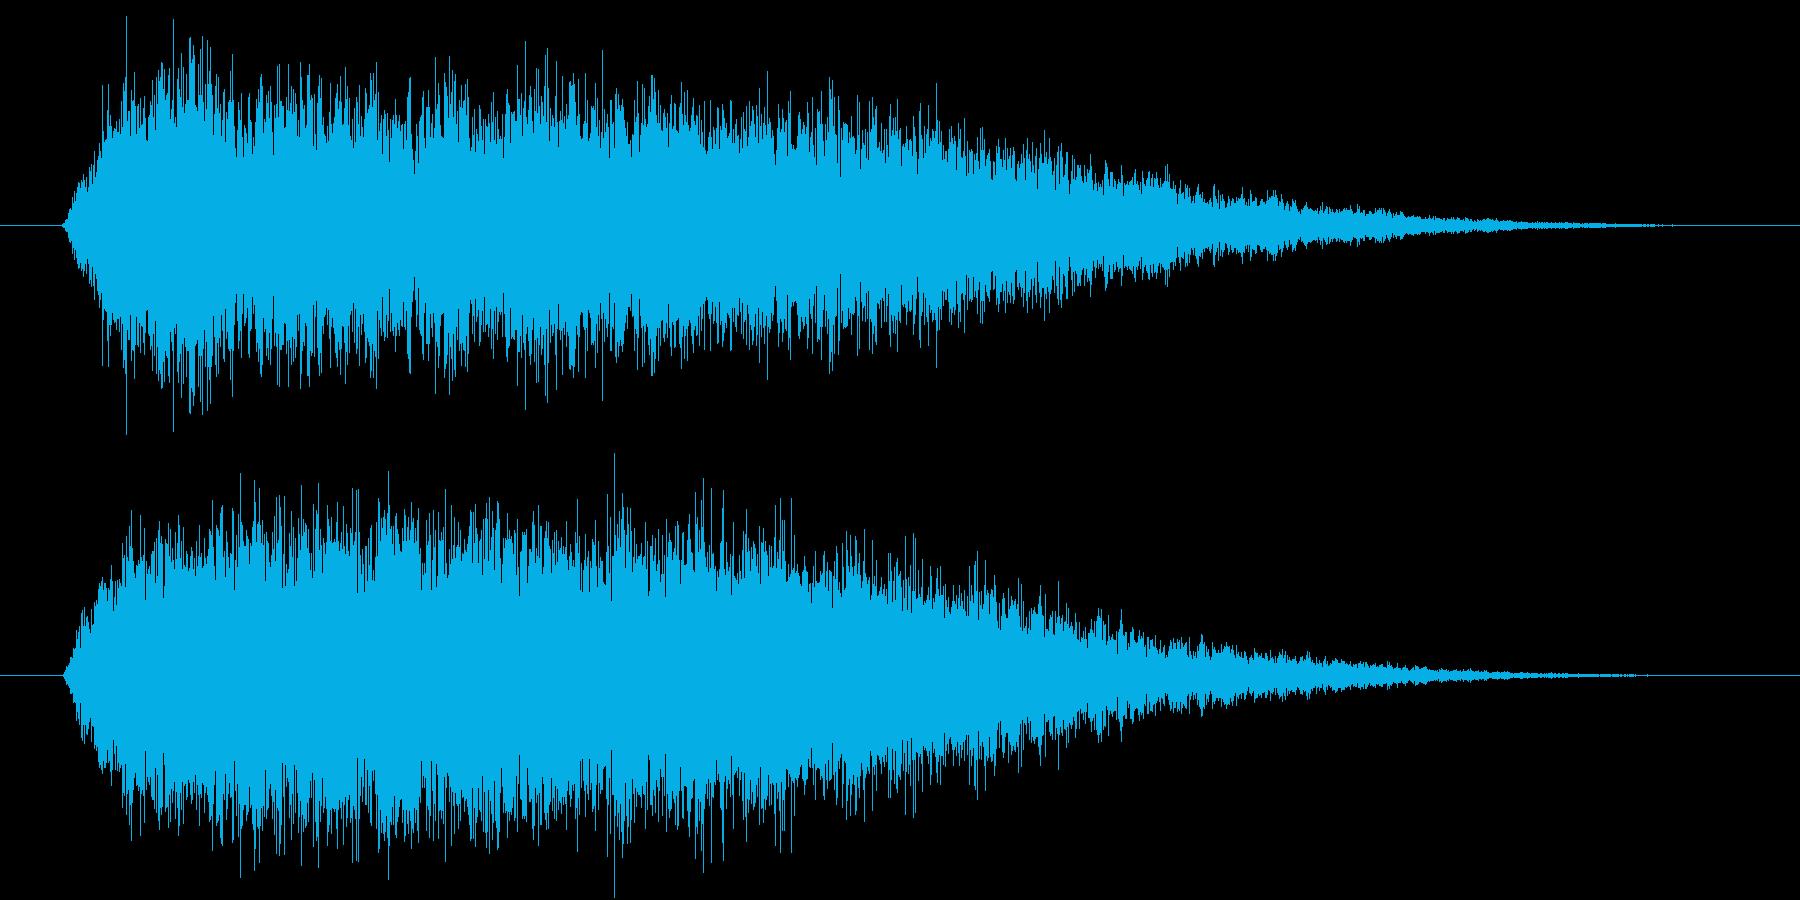 シュワーというシンセ音の再生済みの波形